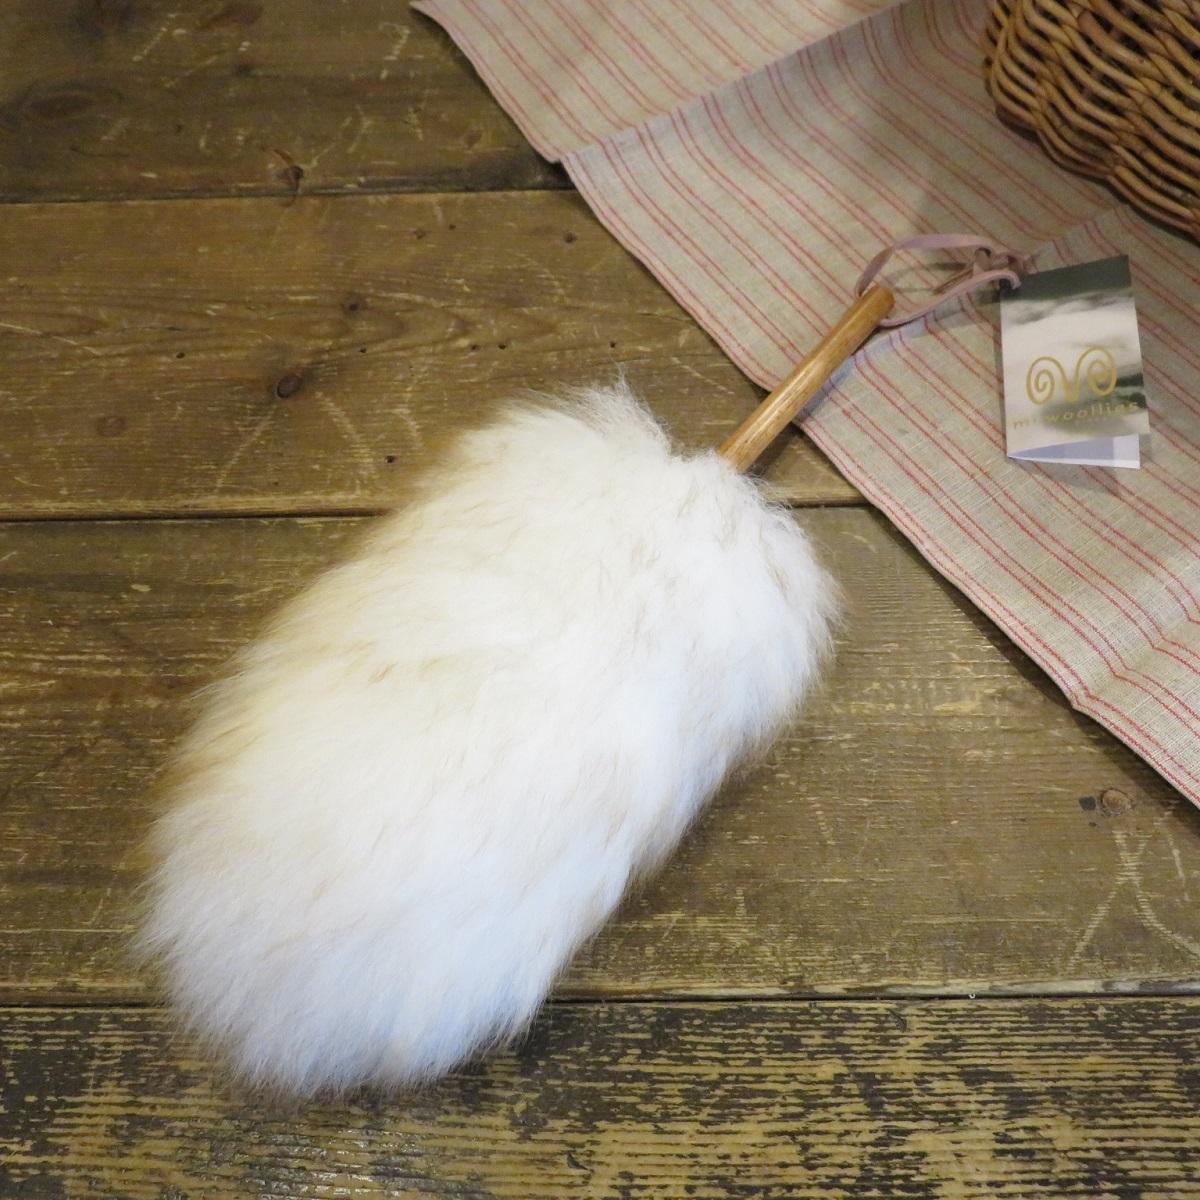 ミーウーリーズ(Mi Woollies)羊毛ダスターS 30センチ 25本セット!()